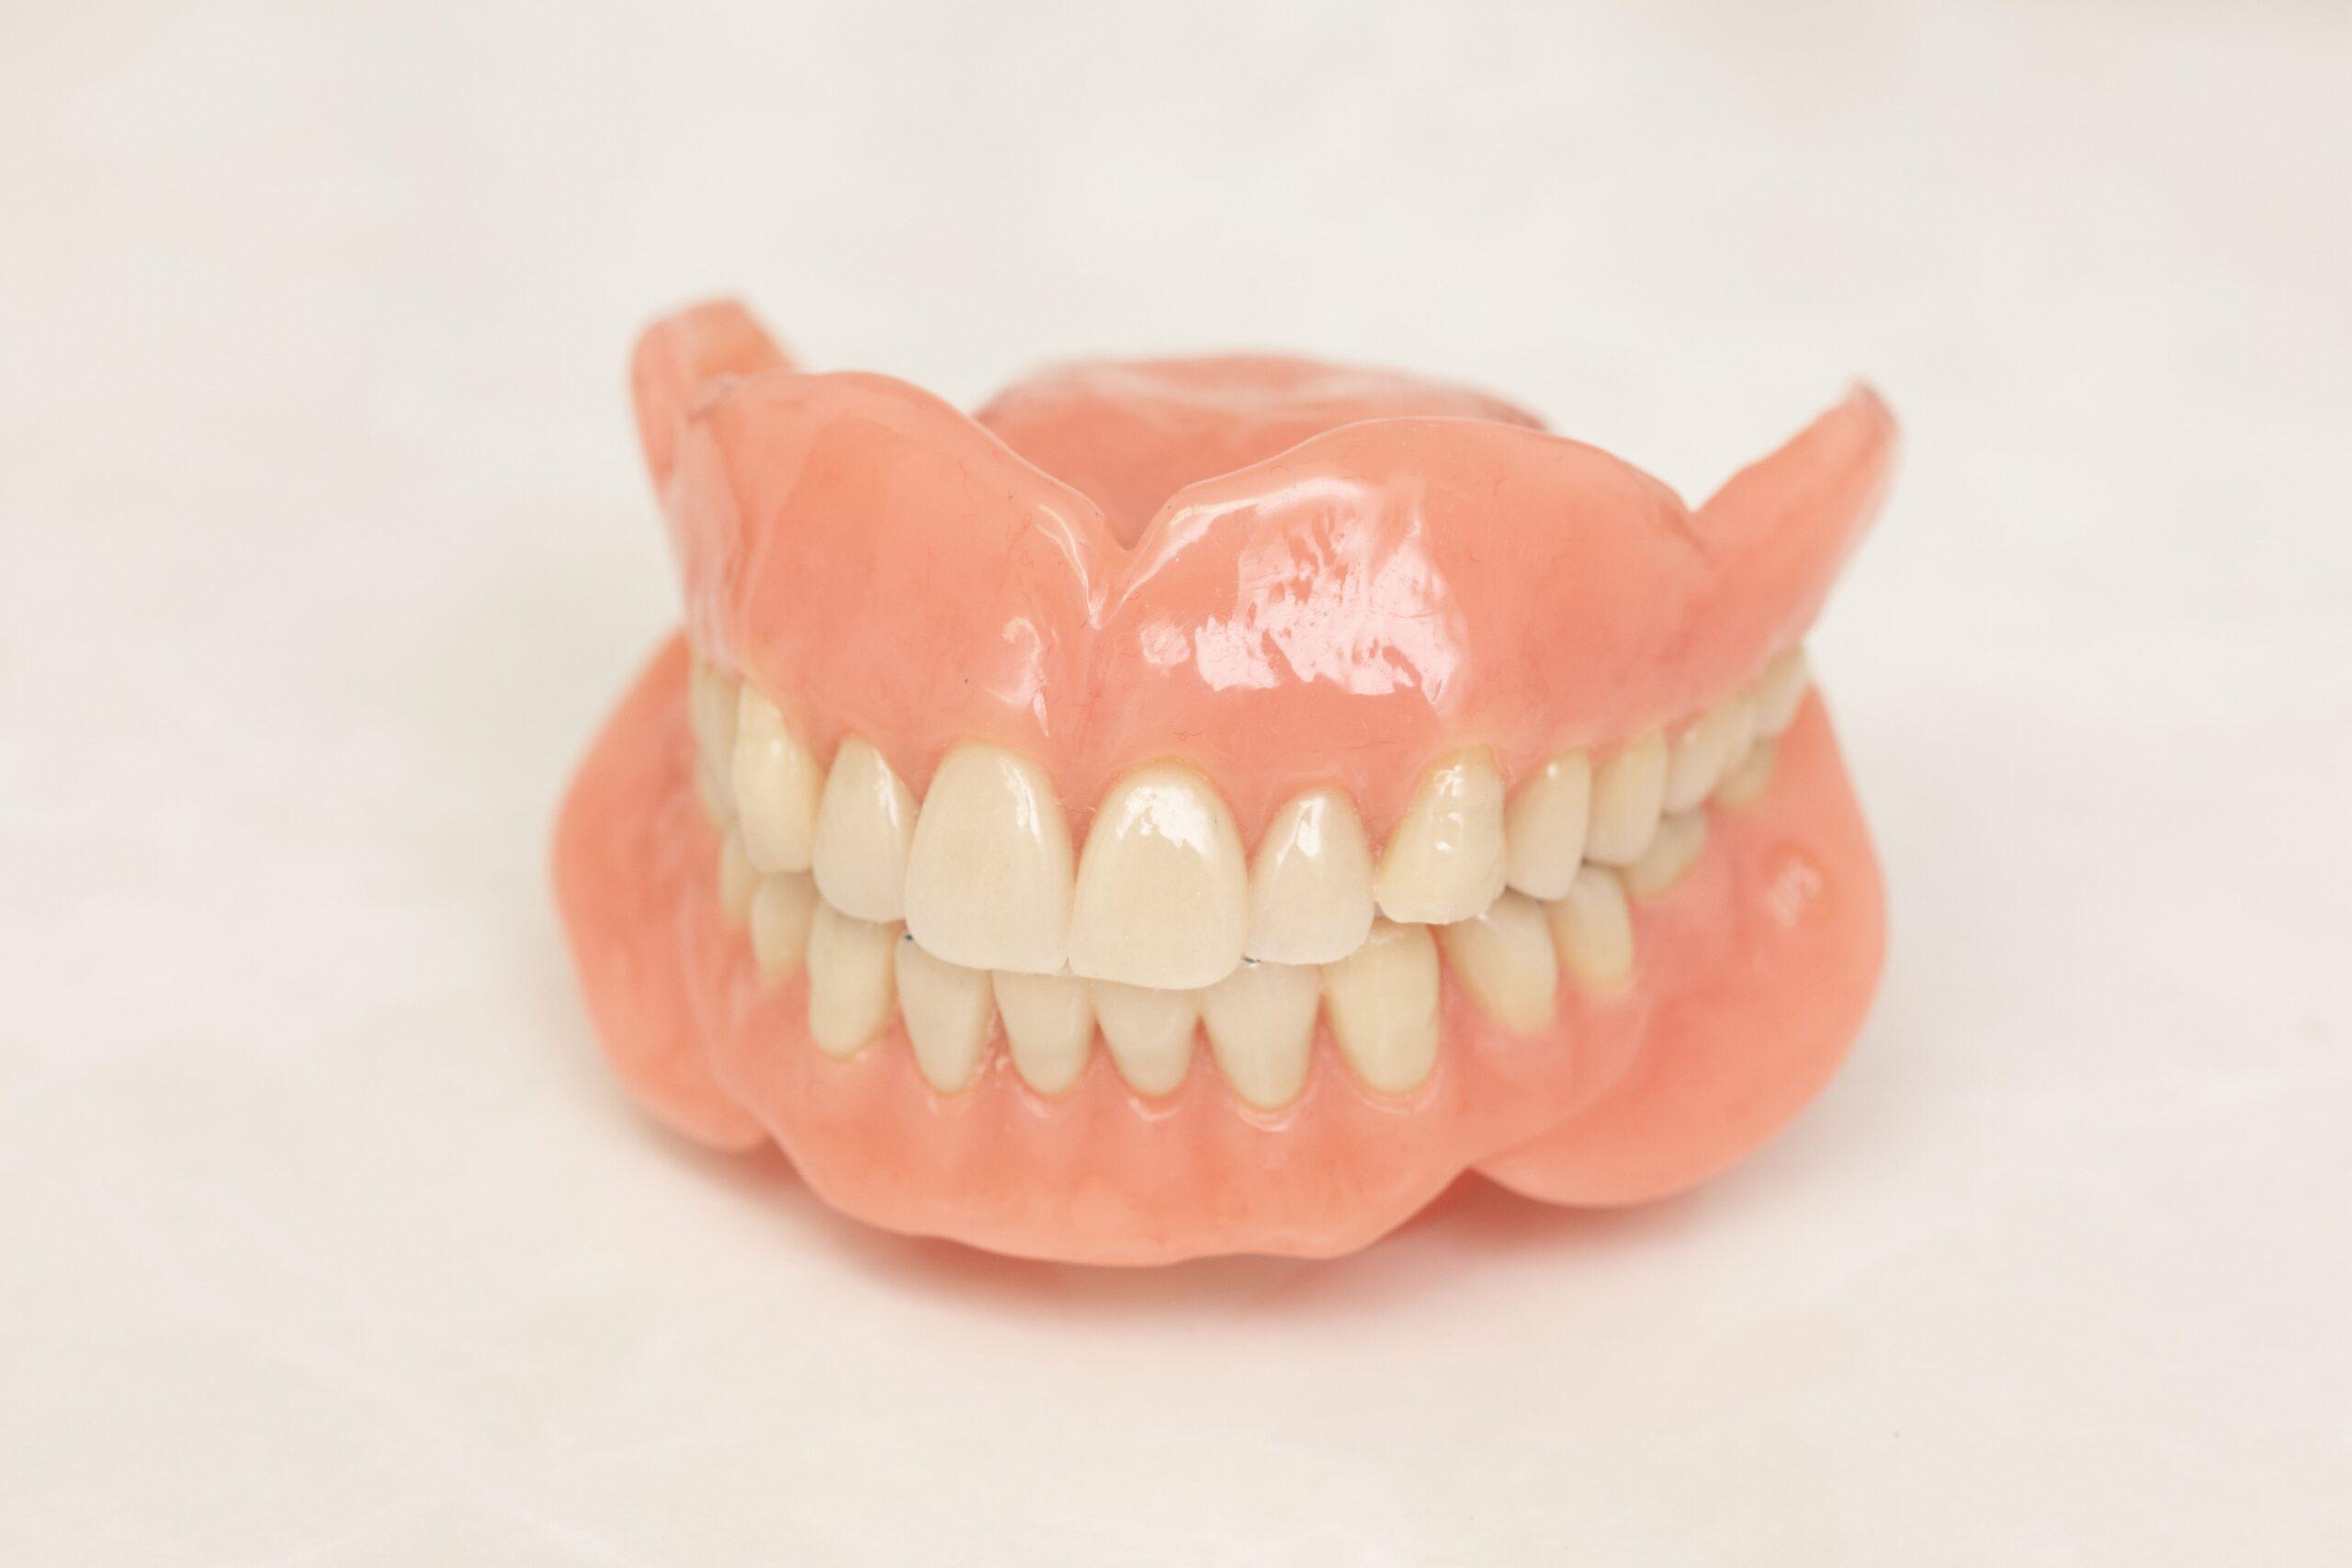 最終的な入れ歯の作製